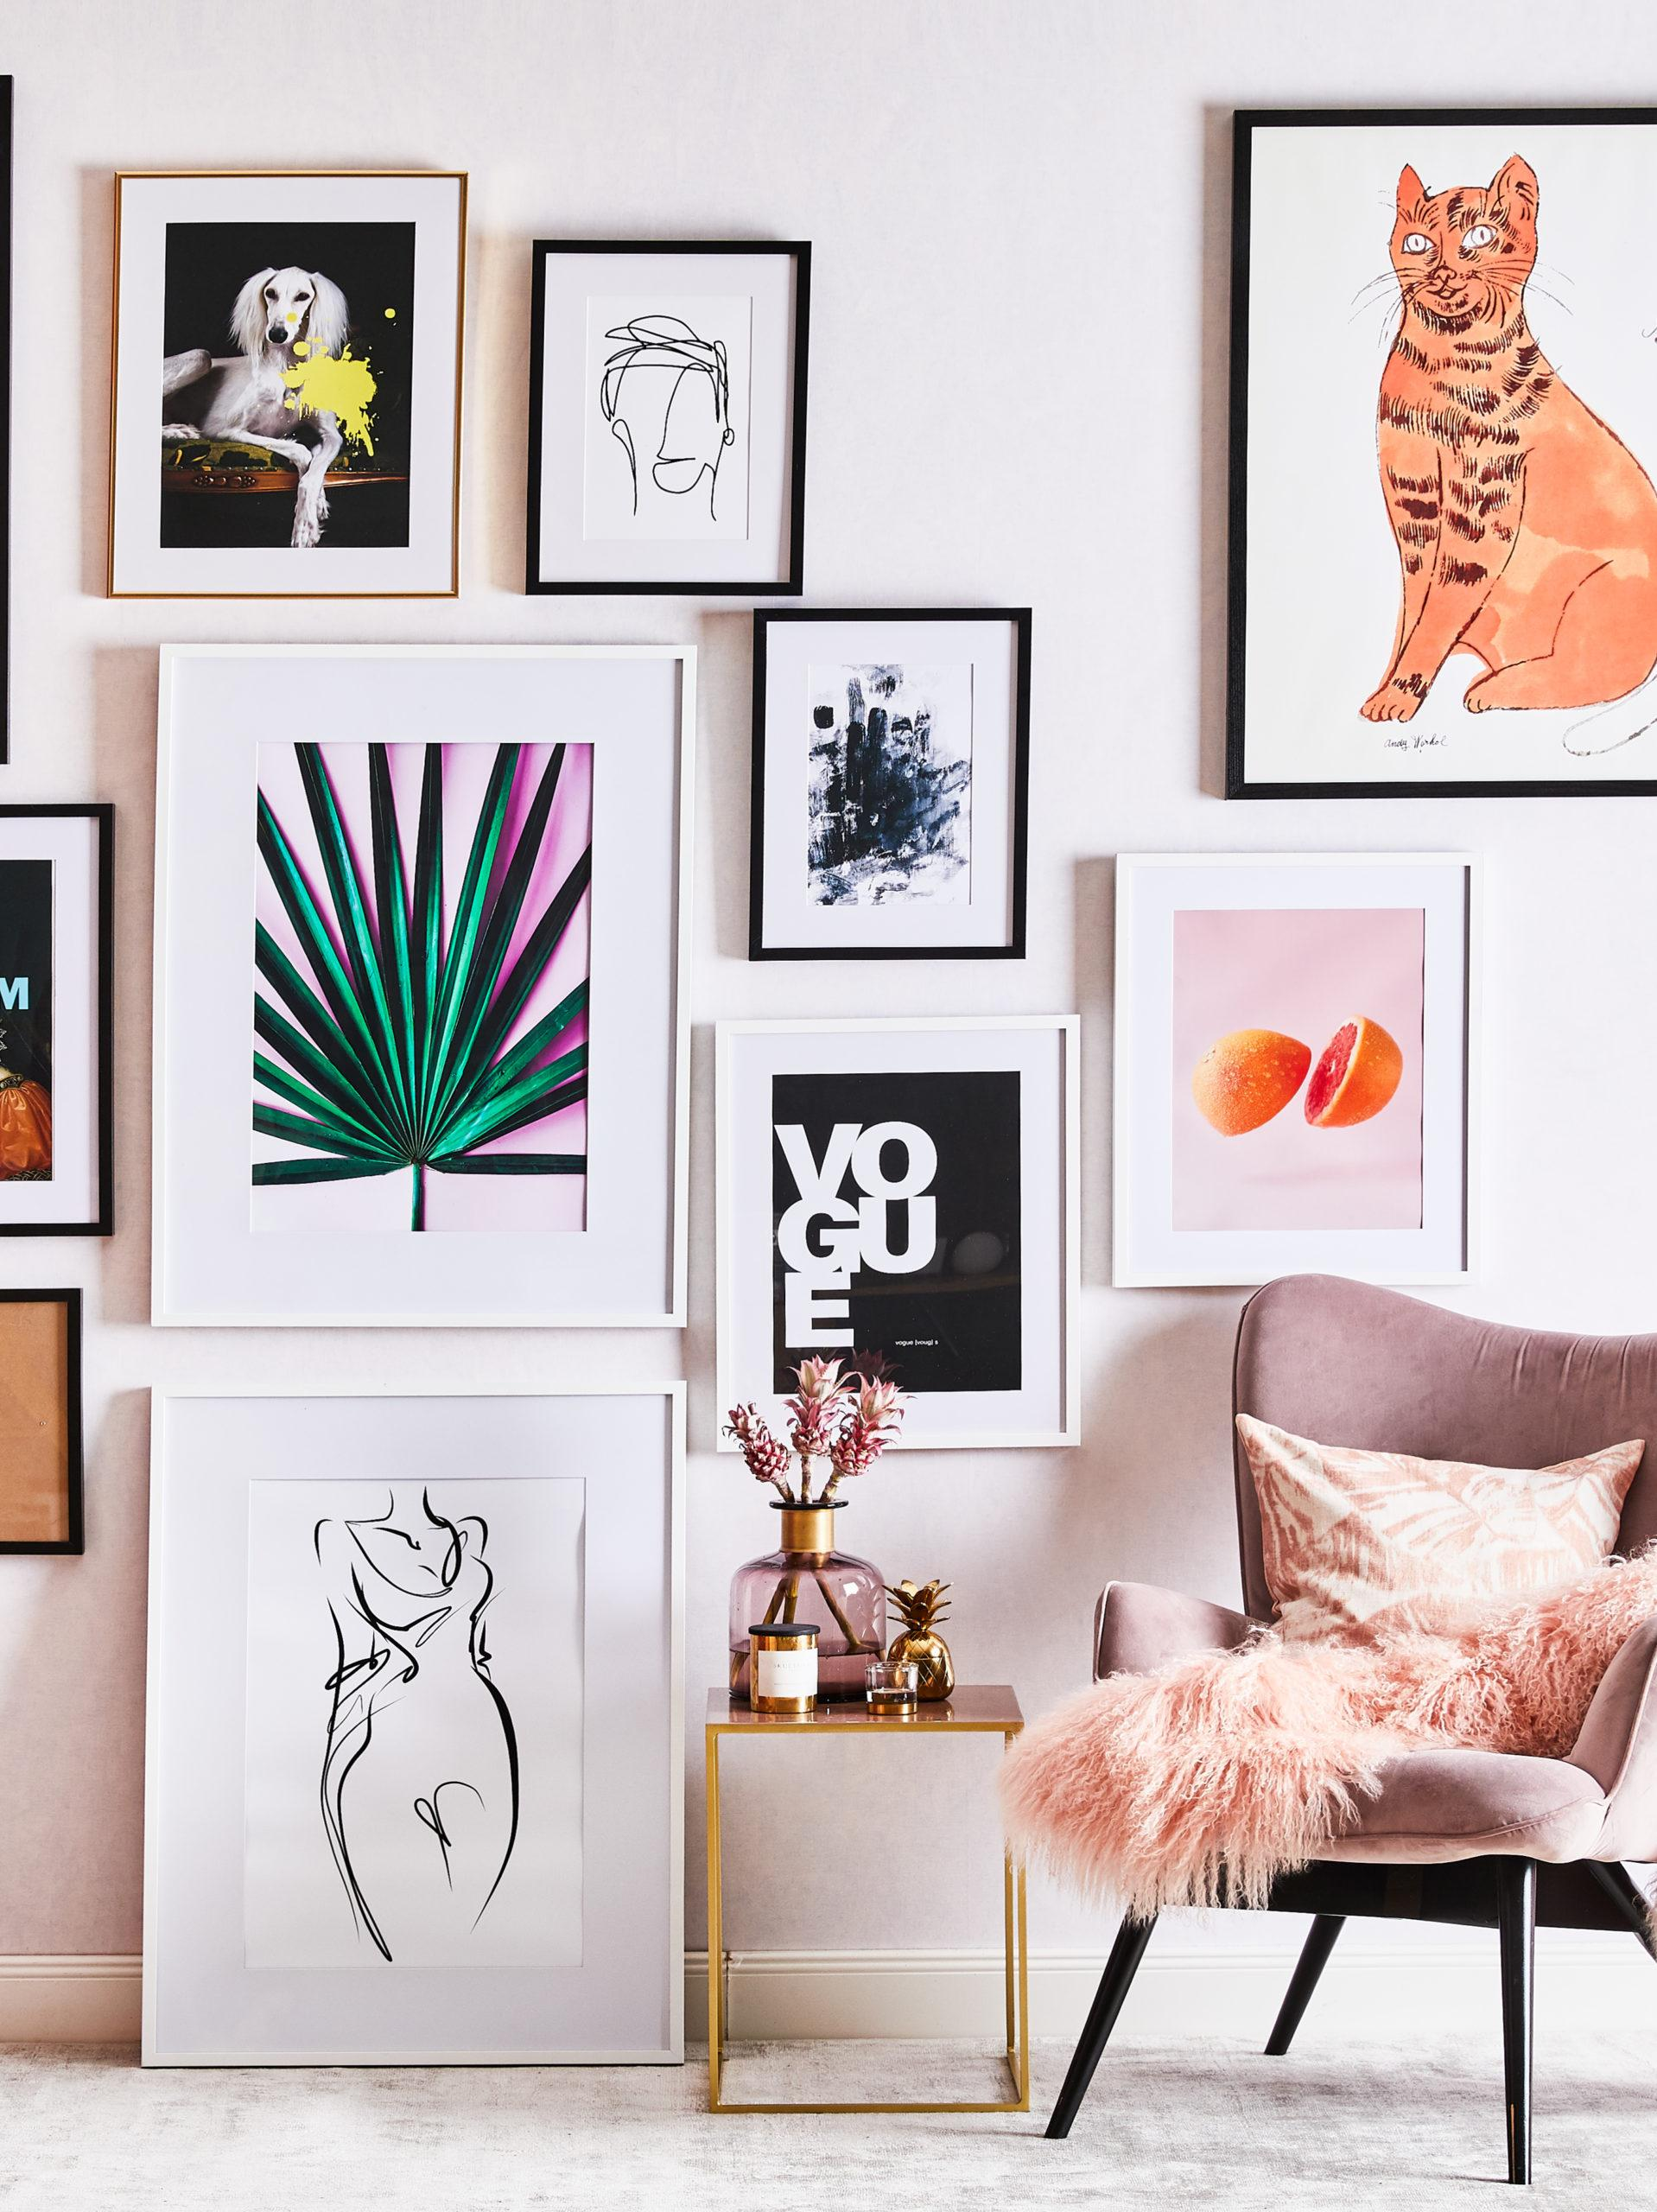 Schöne Wand mit vielen Bildern gerahmt und ungerahmt.